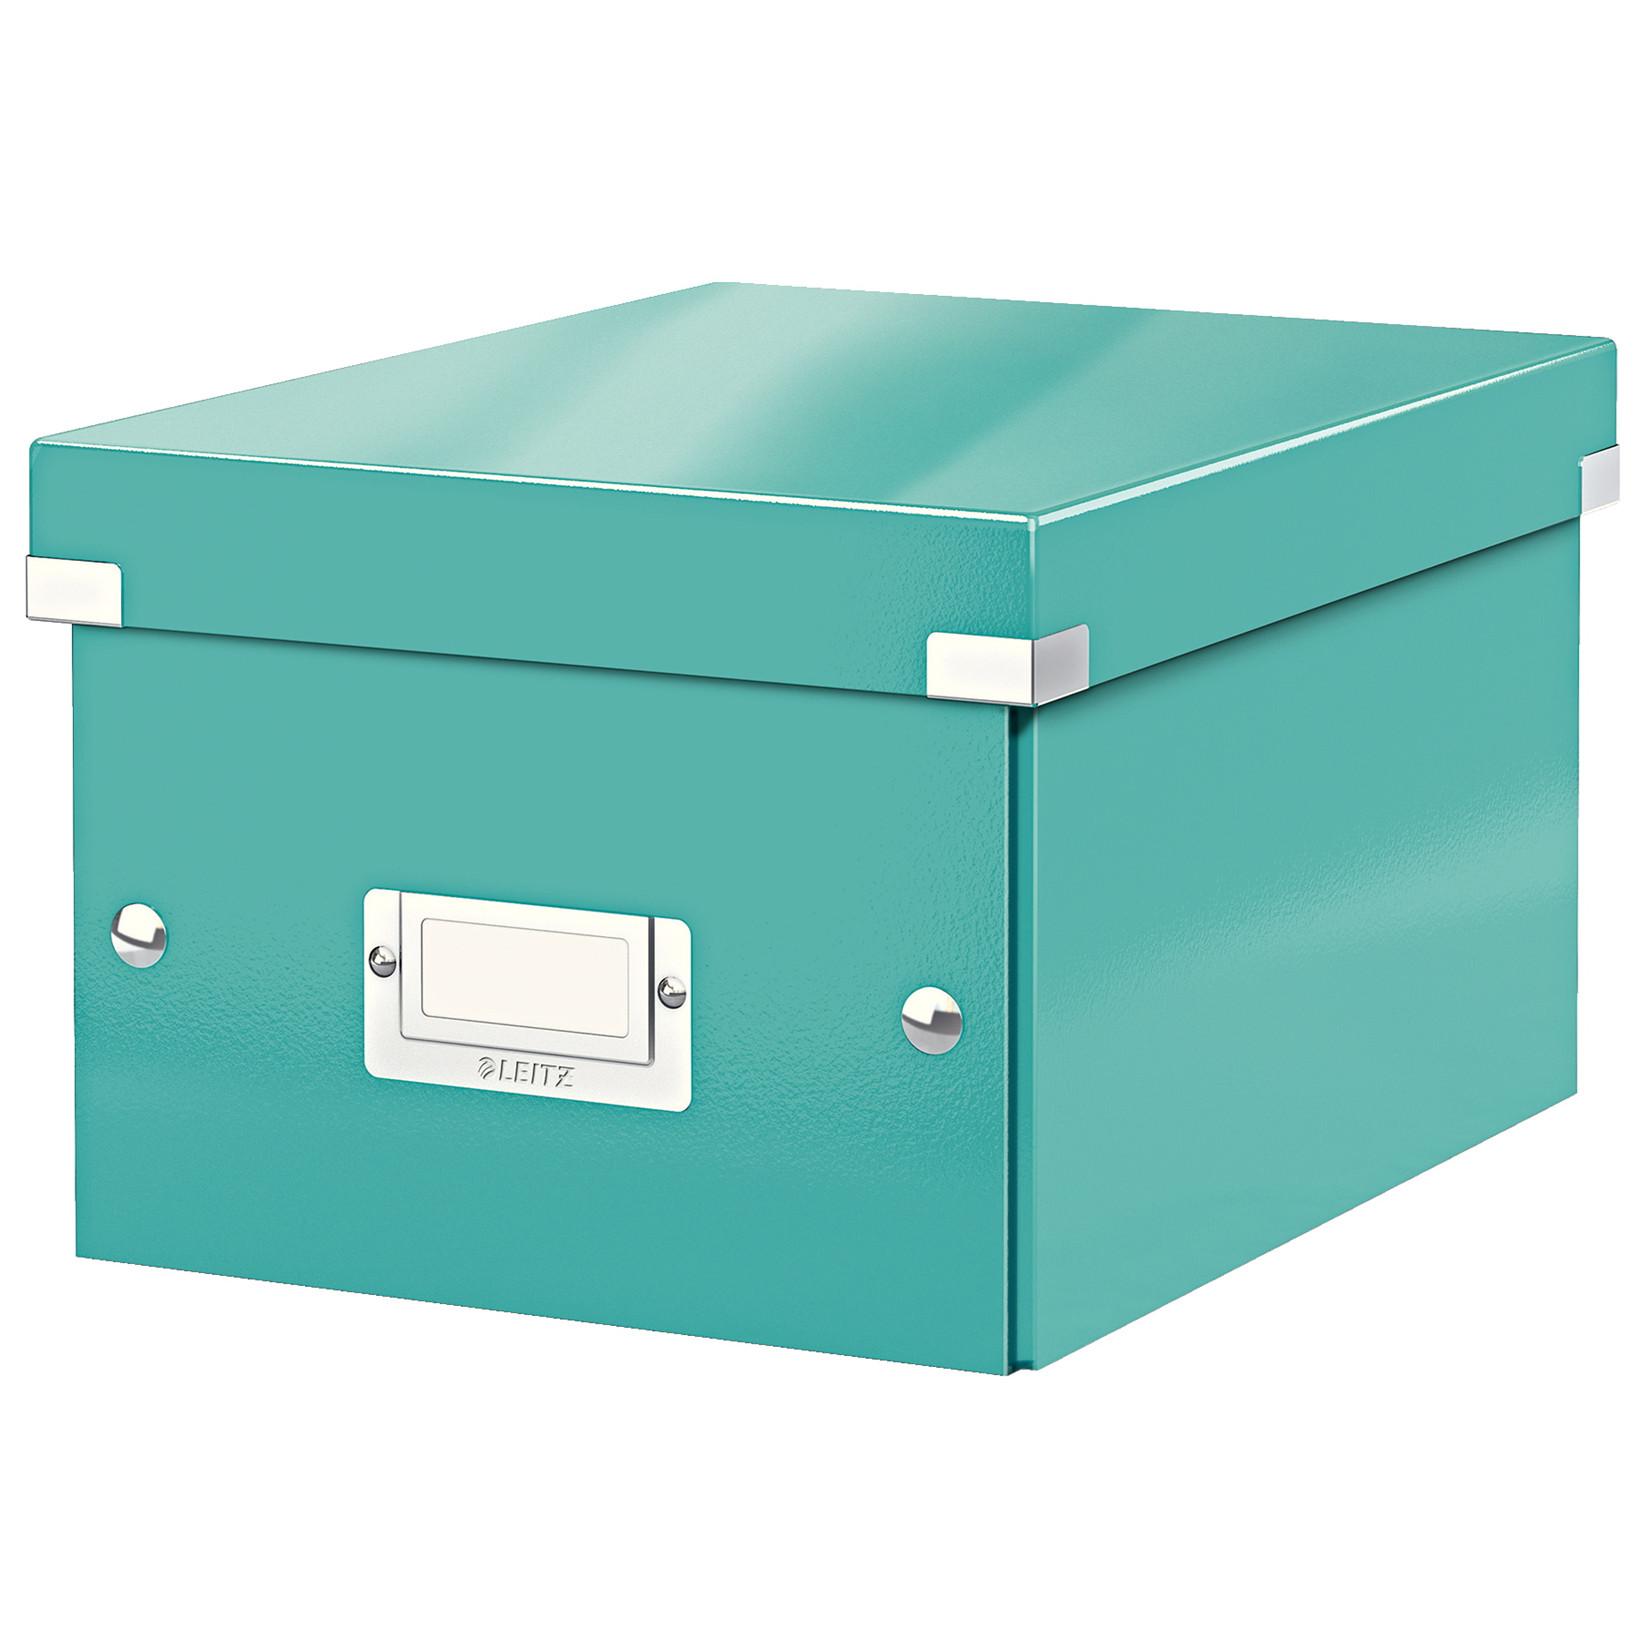 Arkivboks Leitz Click & Store 22 x 16 x 28,2 cm - Isblå